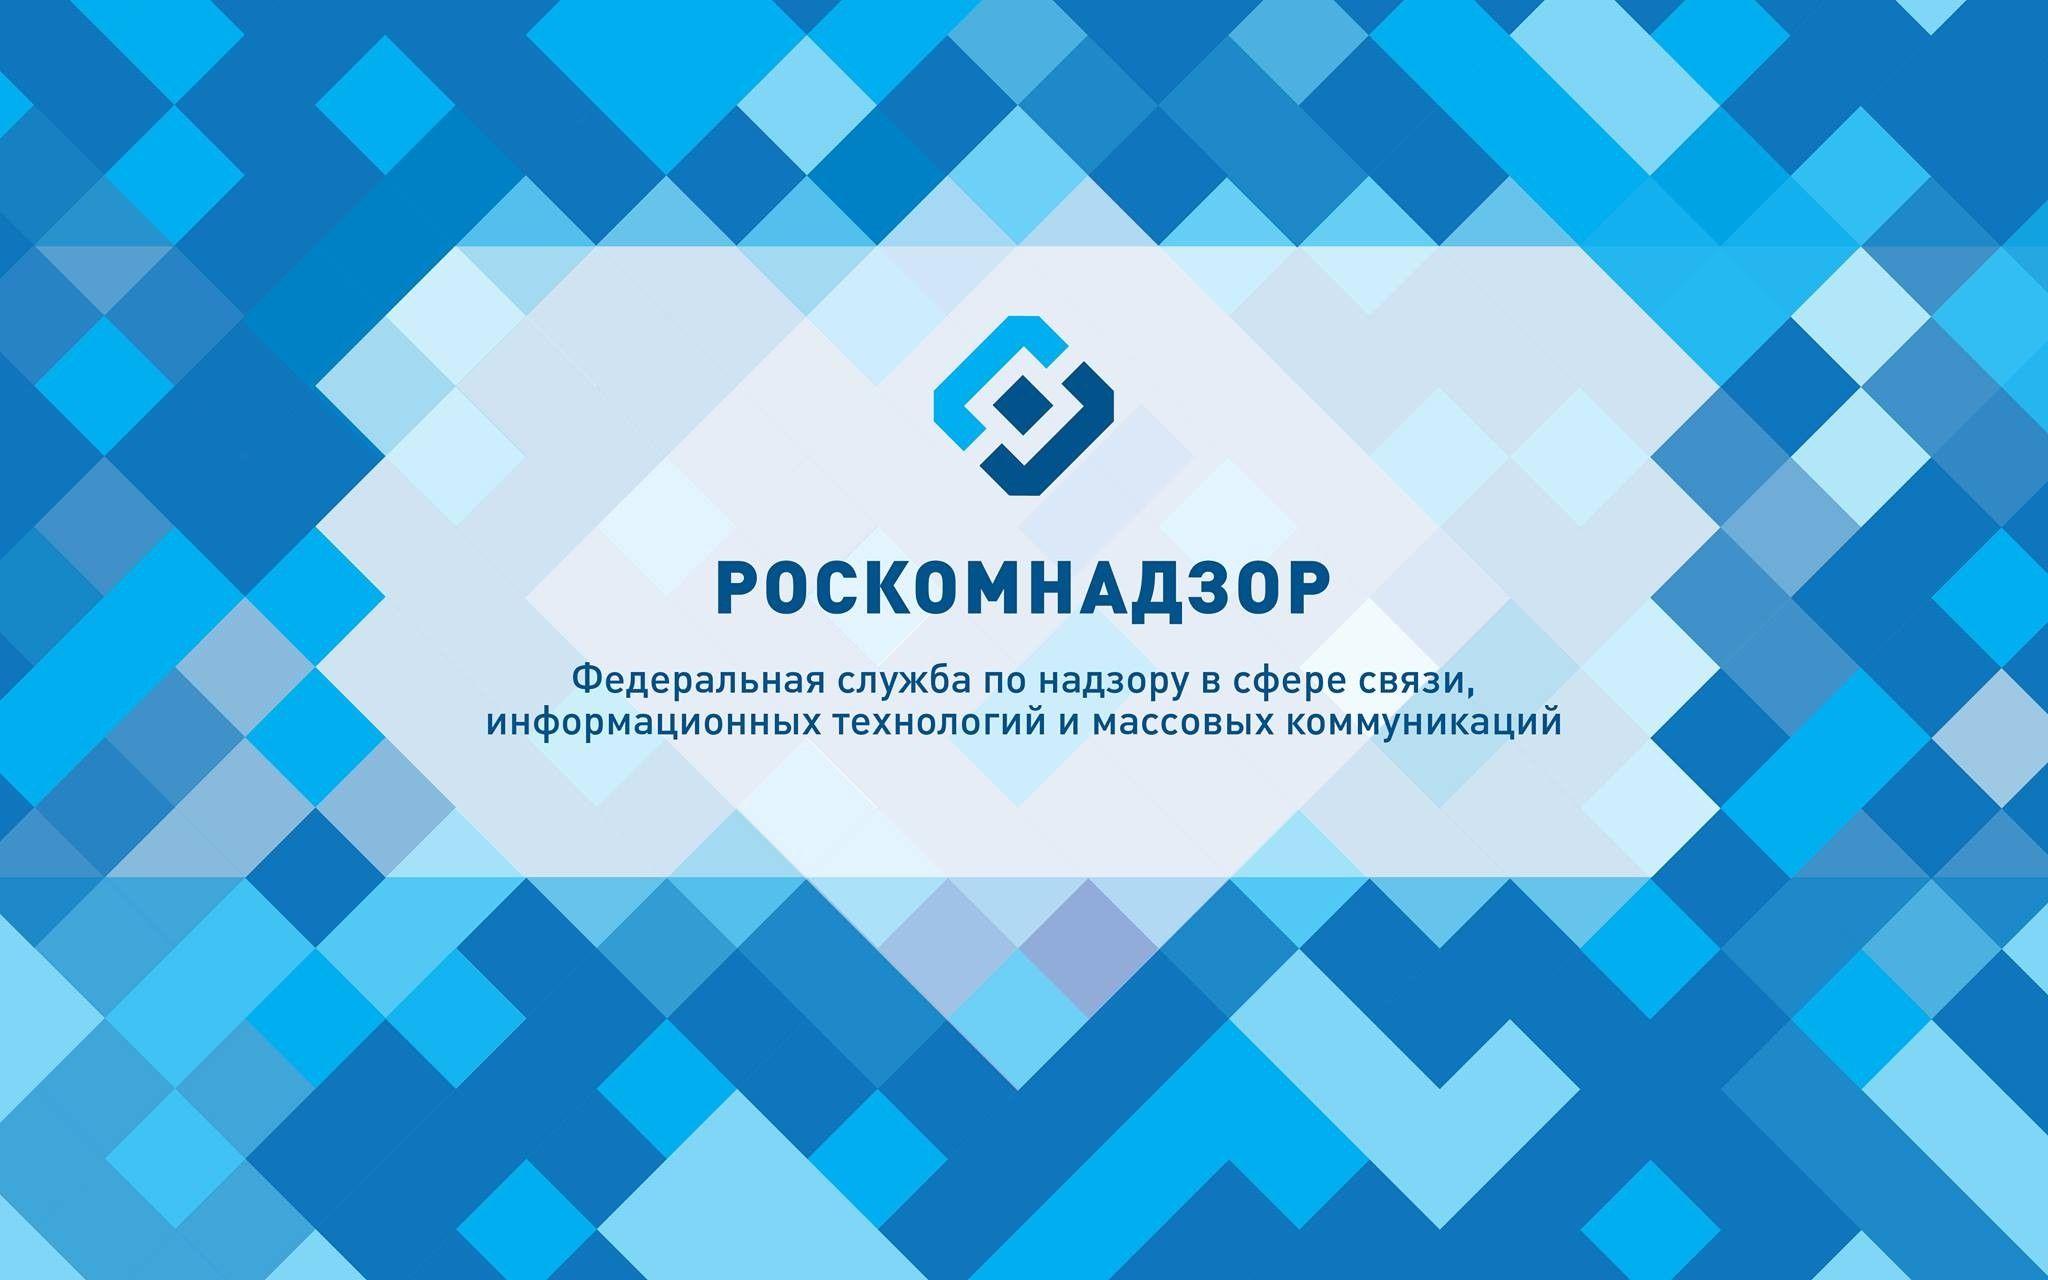 Роскомнадзор: темпы удаления запрещенной информации в Twitter остаются неудовлетворительными